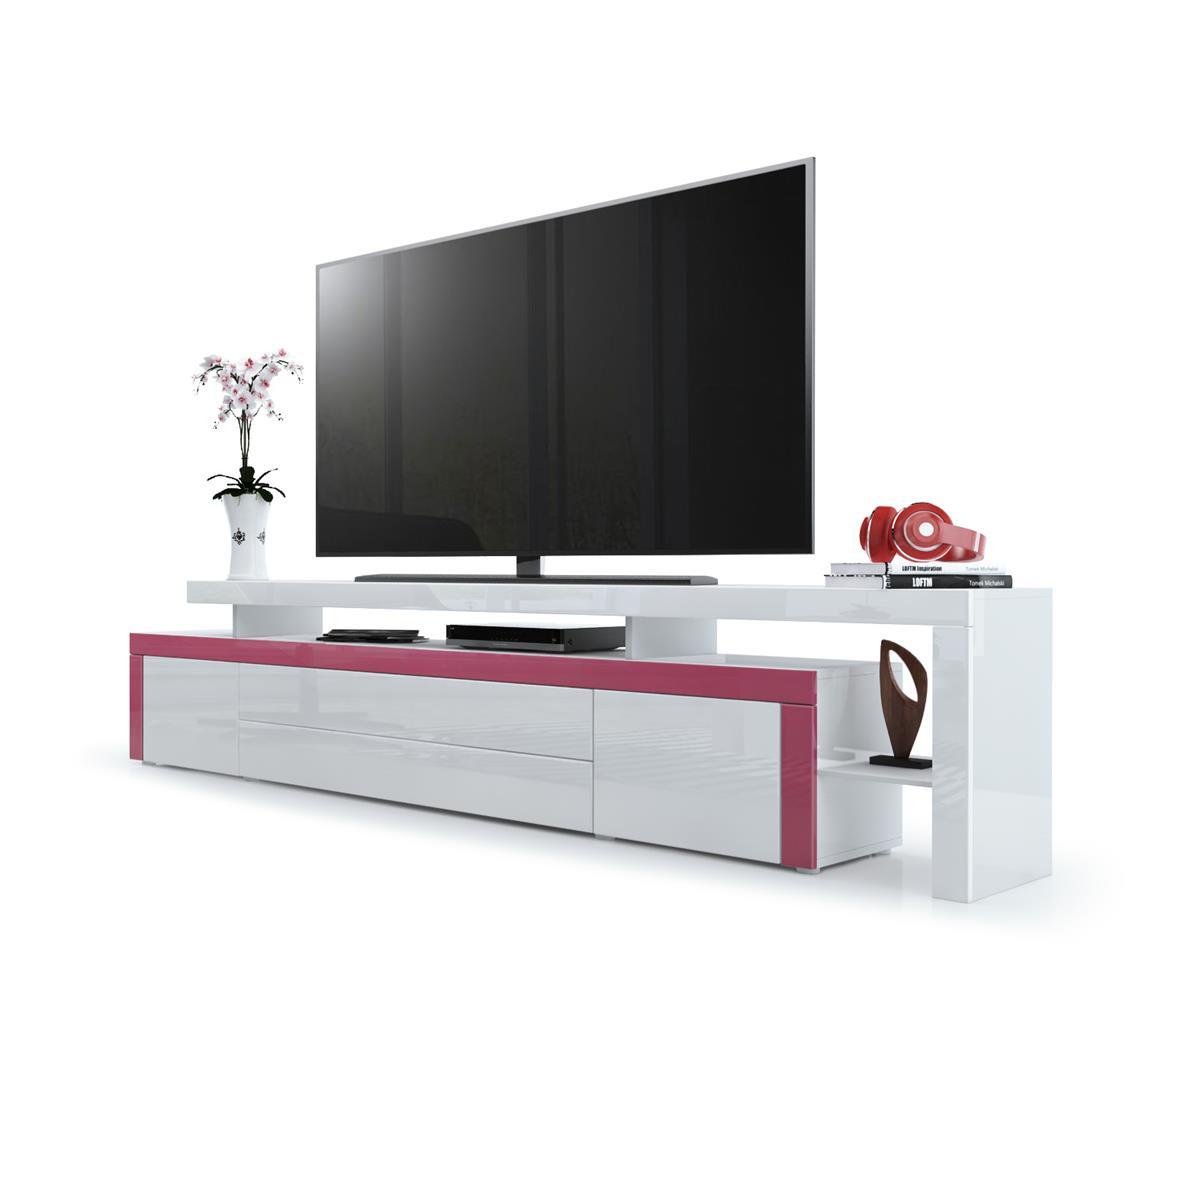 Wohnzimmer Board  Bnbnews.co